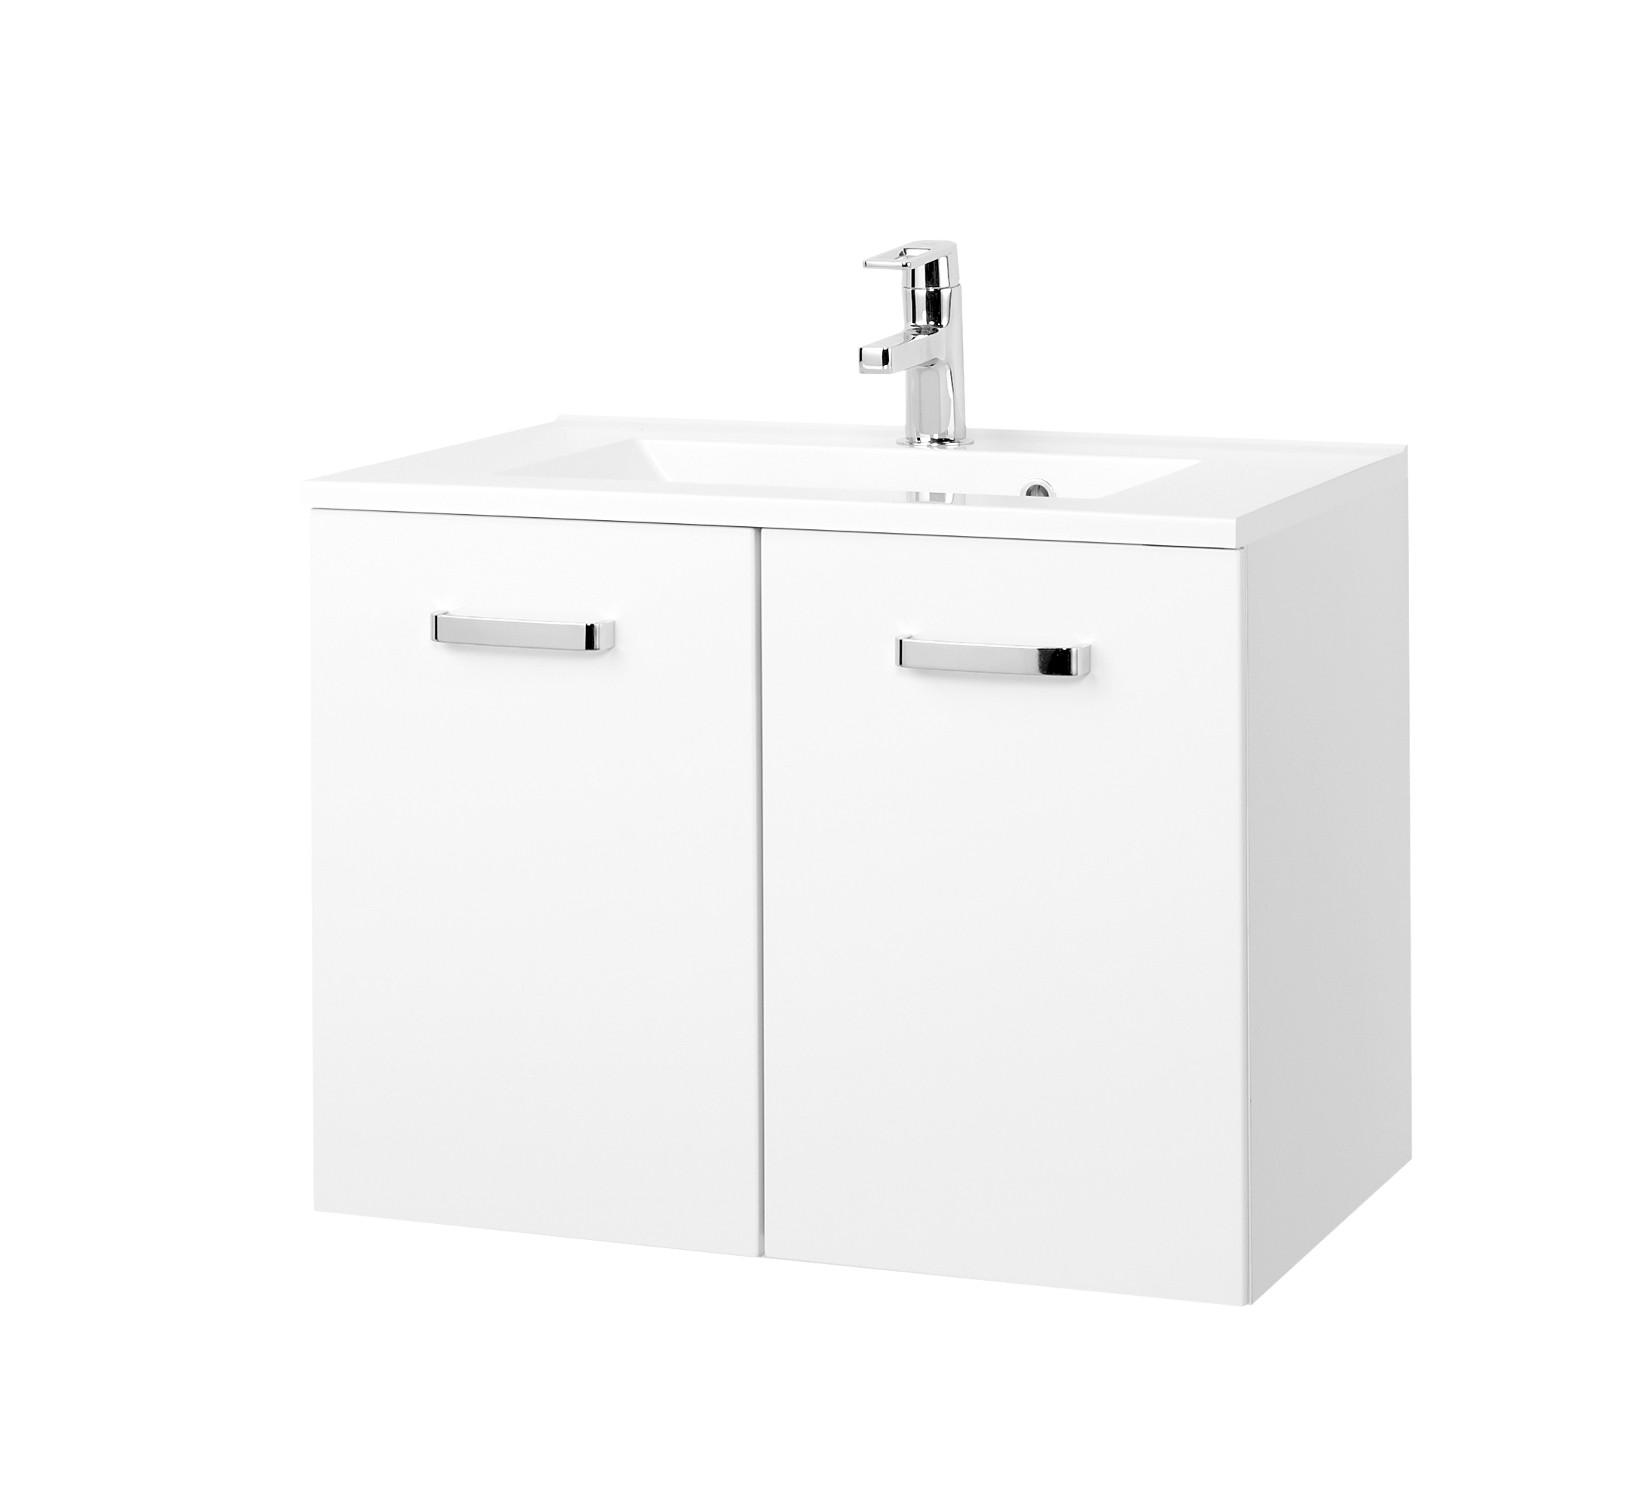 bad waschtisch bologna 2 t rig 70 cm breit hochglanz wei wei bad waschtische. Black Bedroom Furniture Sets. Home Design Ideas